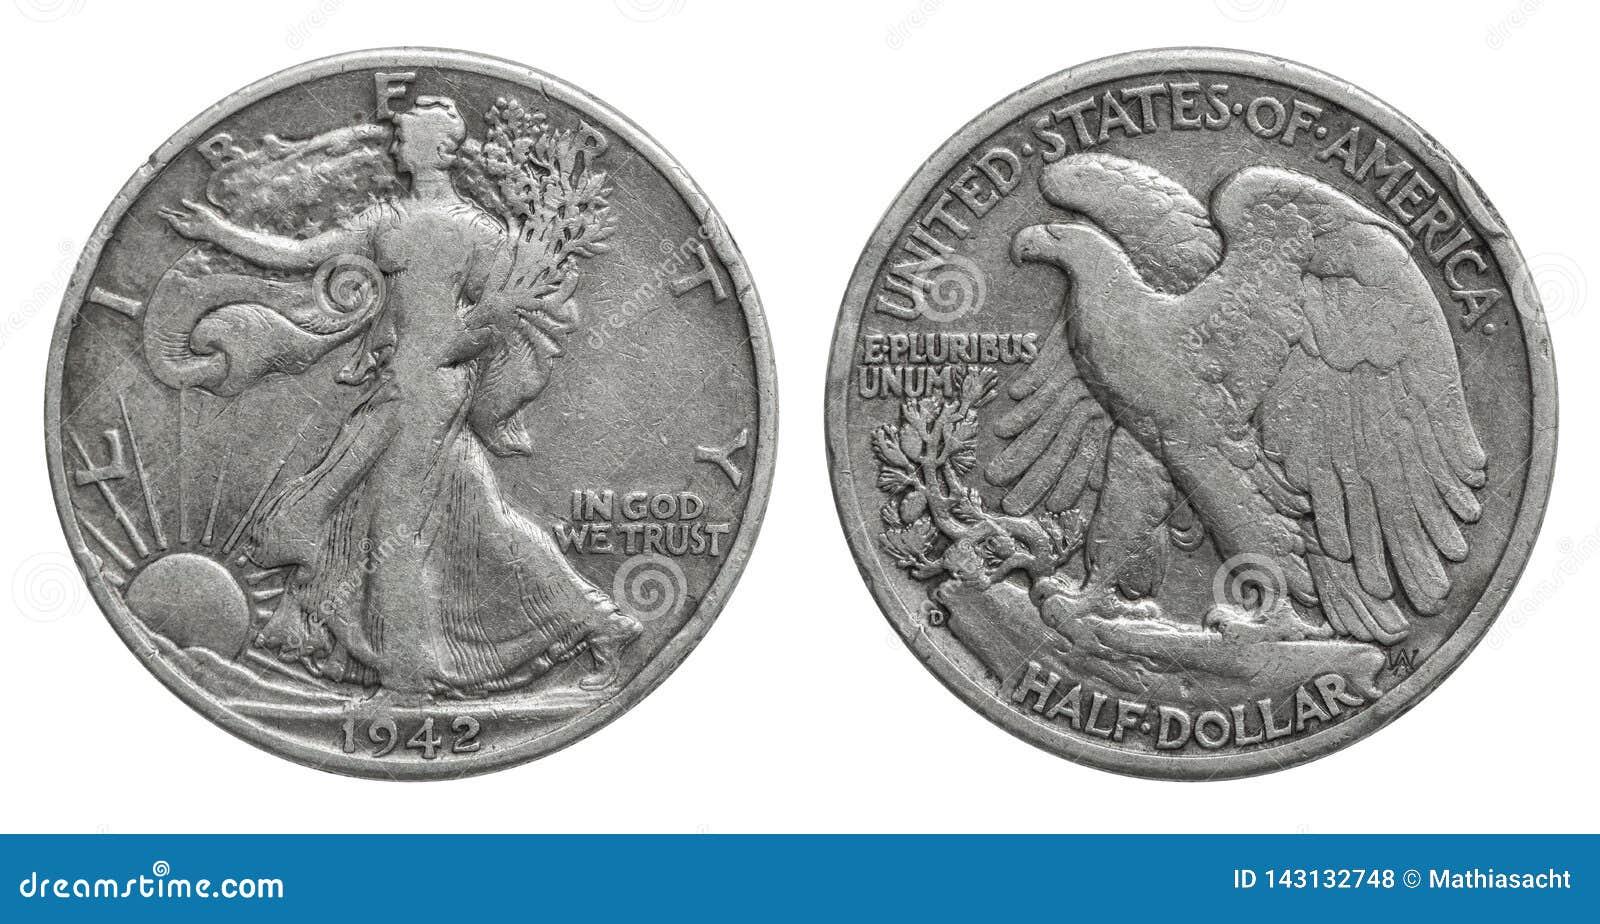 Полдоллара США серебряная монета 1942 50 центов